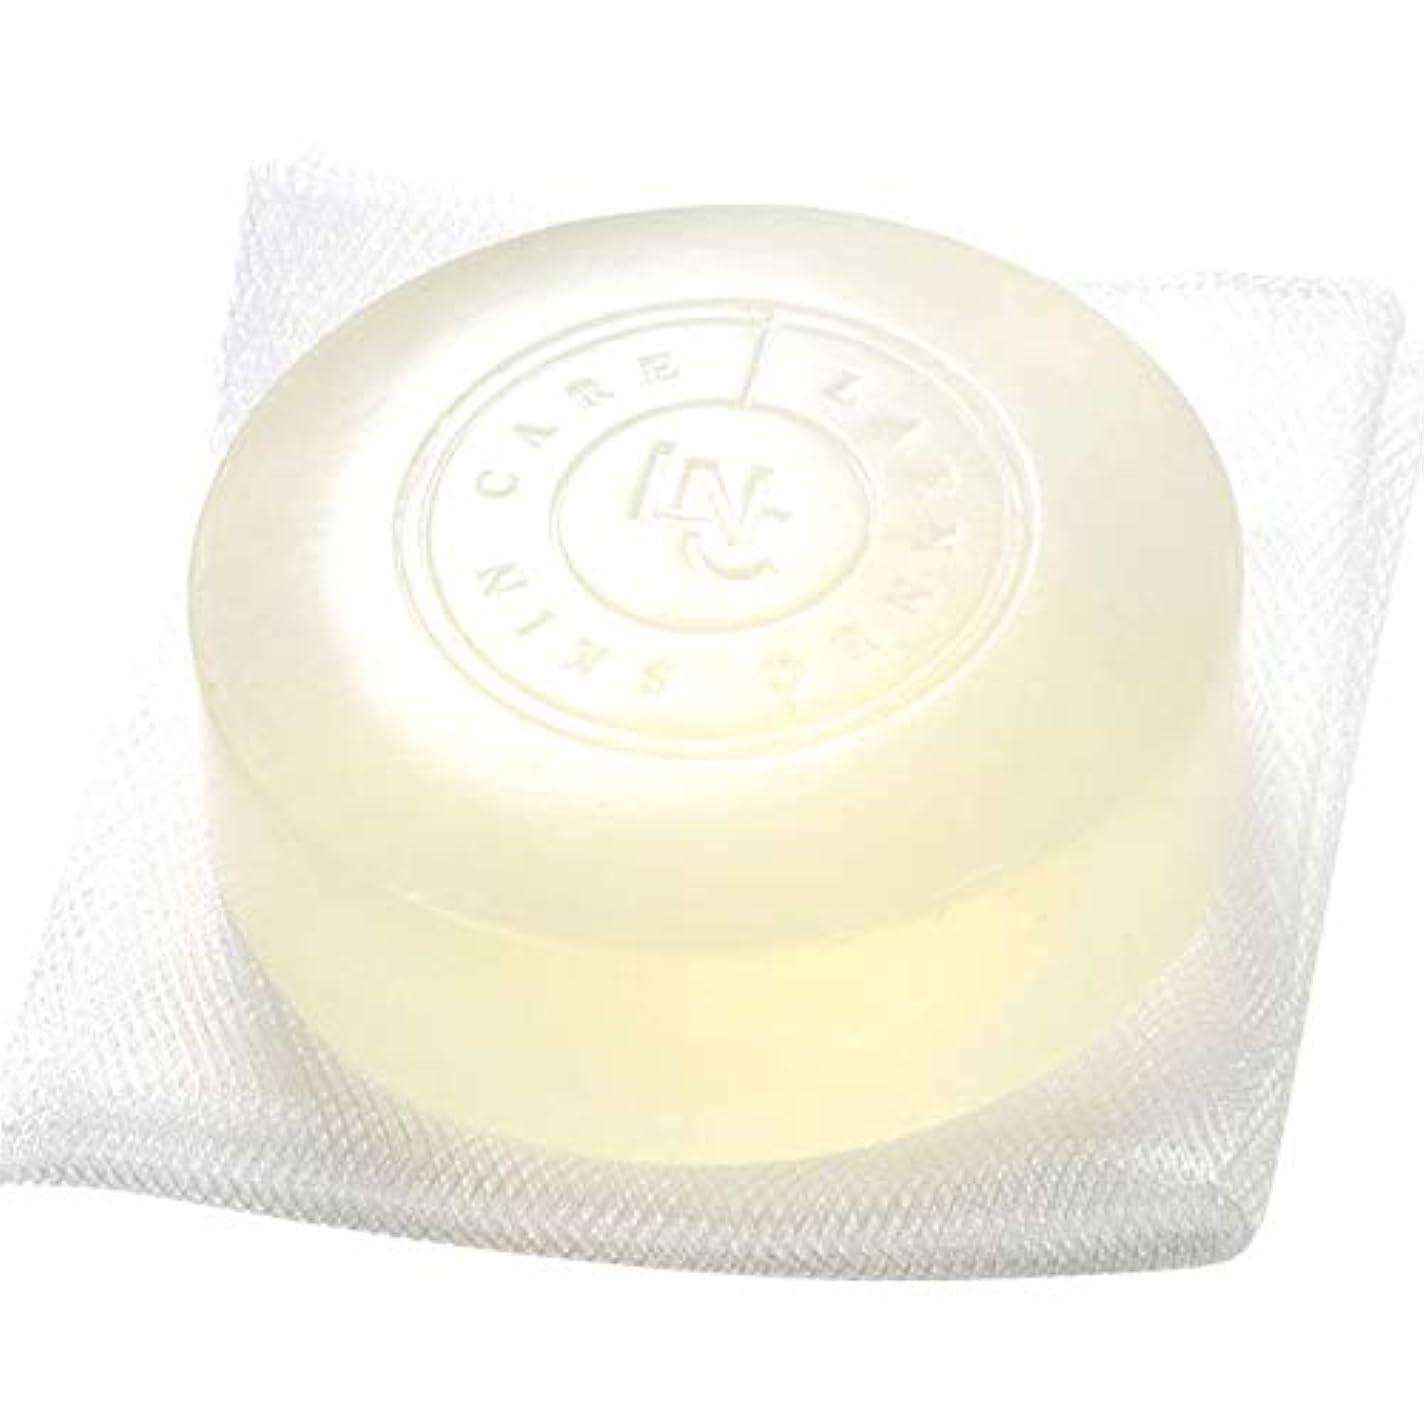 下着ミント違う日本生物製剤 LNCソープ ふつう 100g